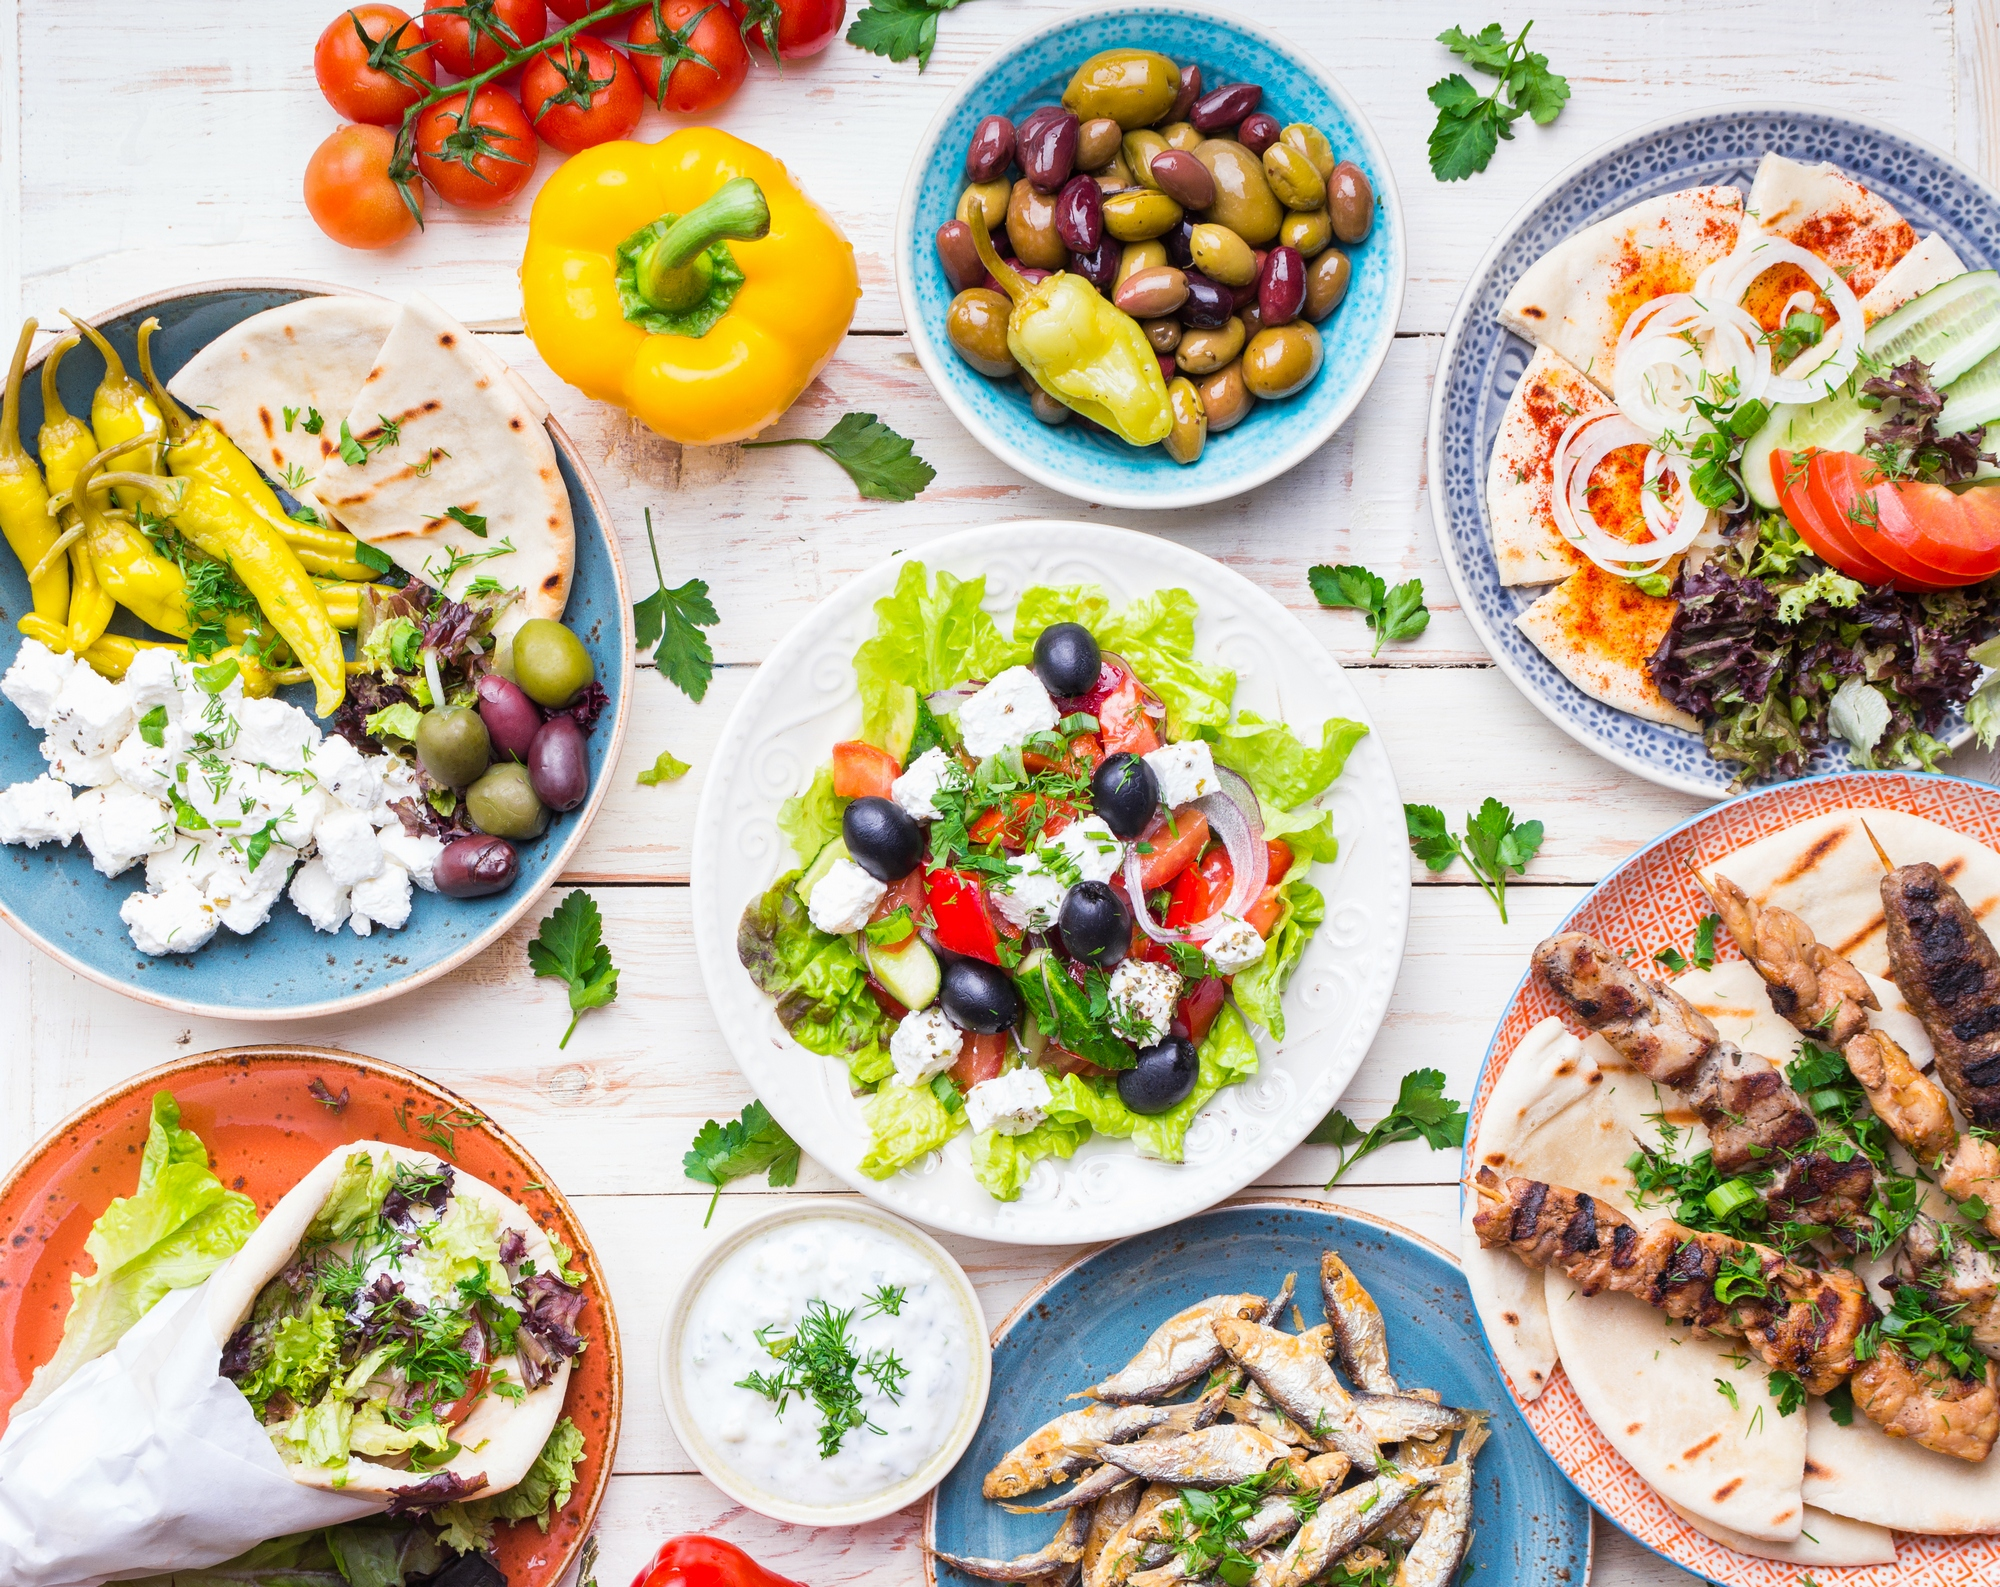 Типичные блюда критской кухни: оливки, сыр, греческий салат, гирос, бараньи шашлыки, жареная рыба, разные пирожки